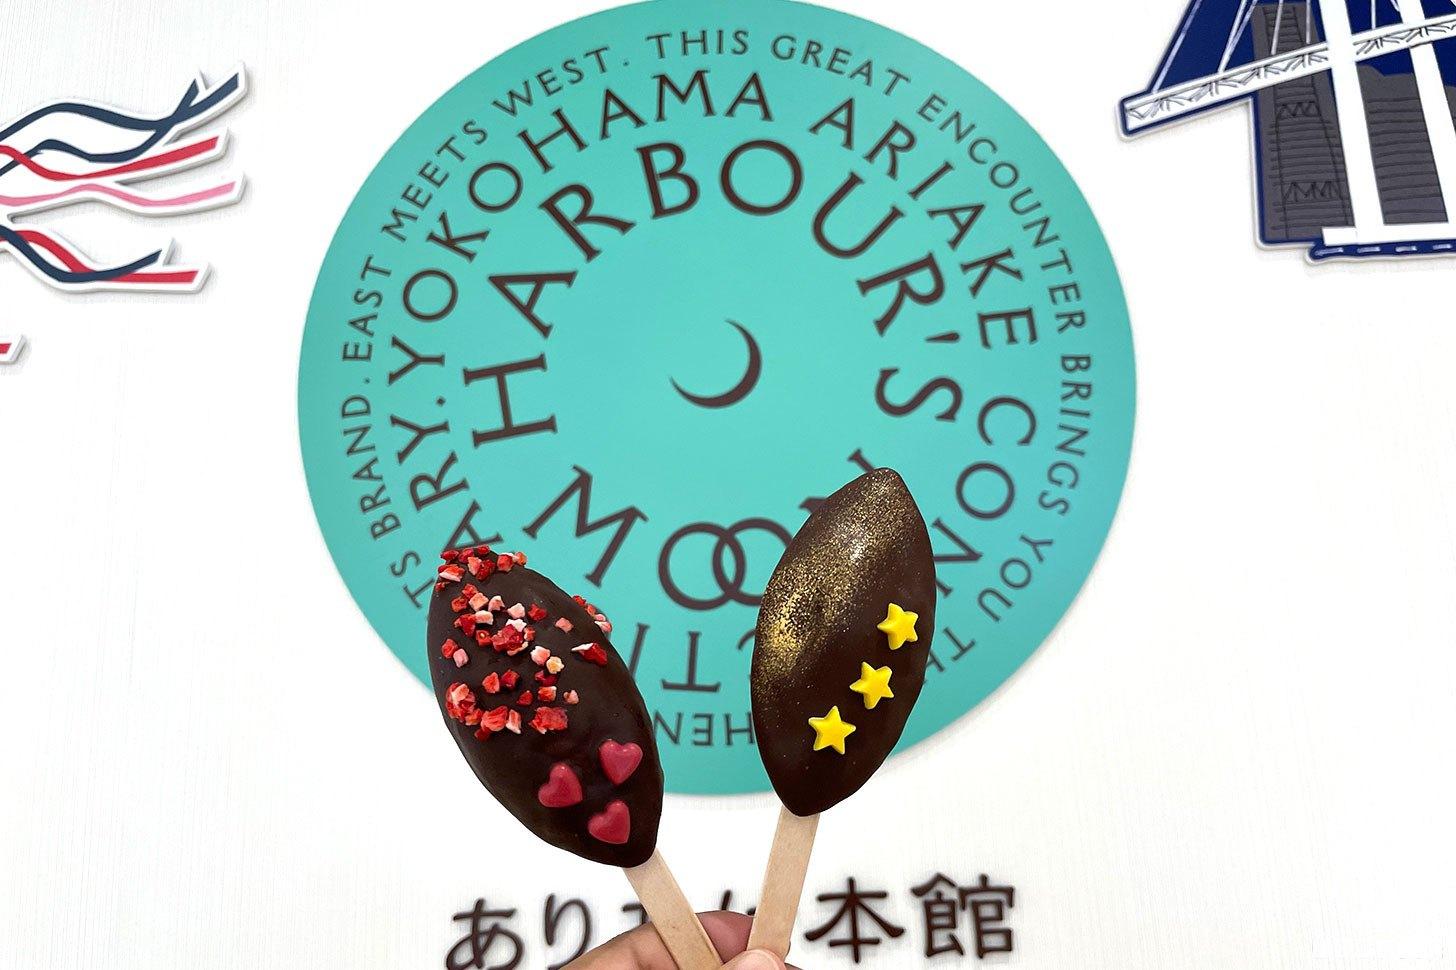 ありあけにチョコがけのハーバー!横浜駅のシァル横浜で見つけて即買い